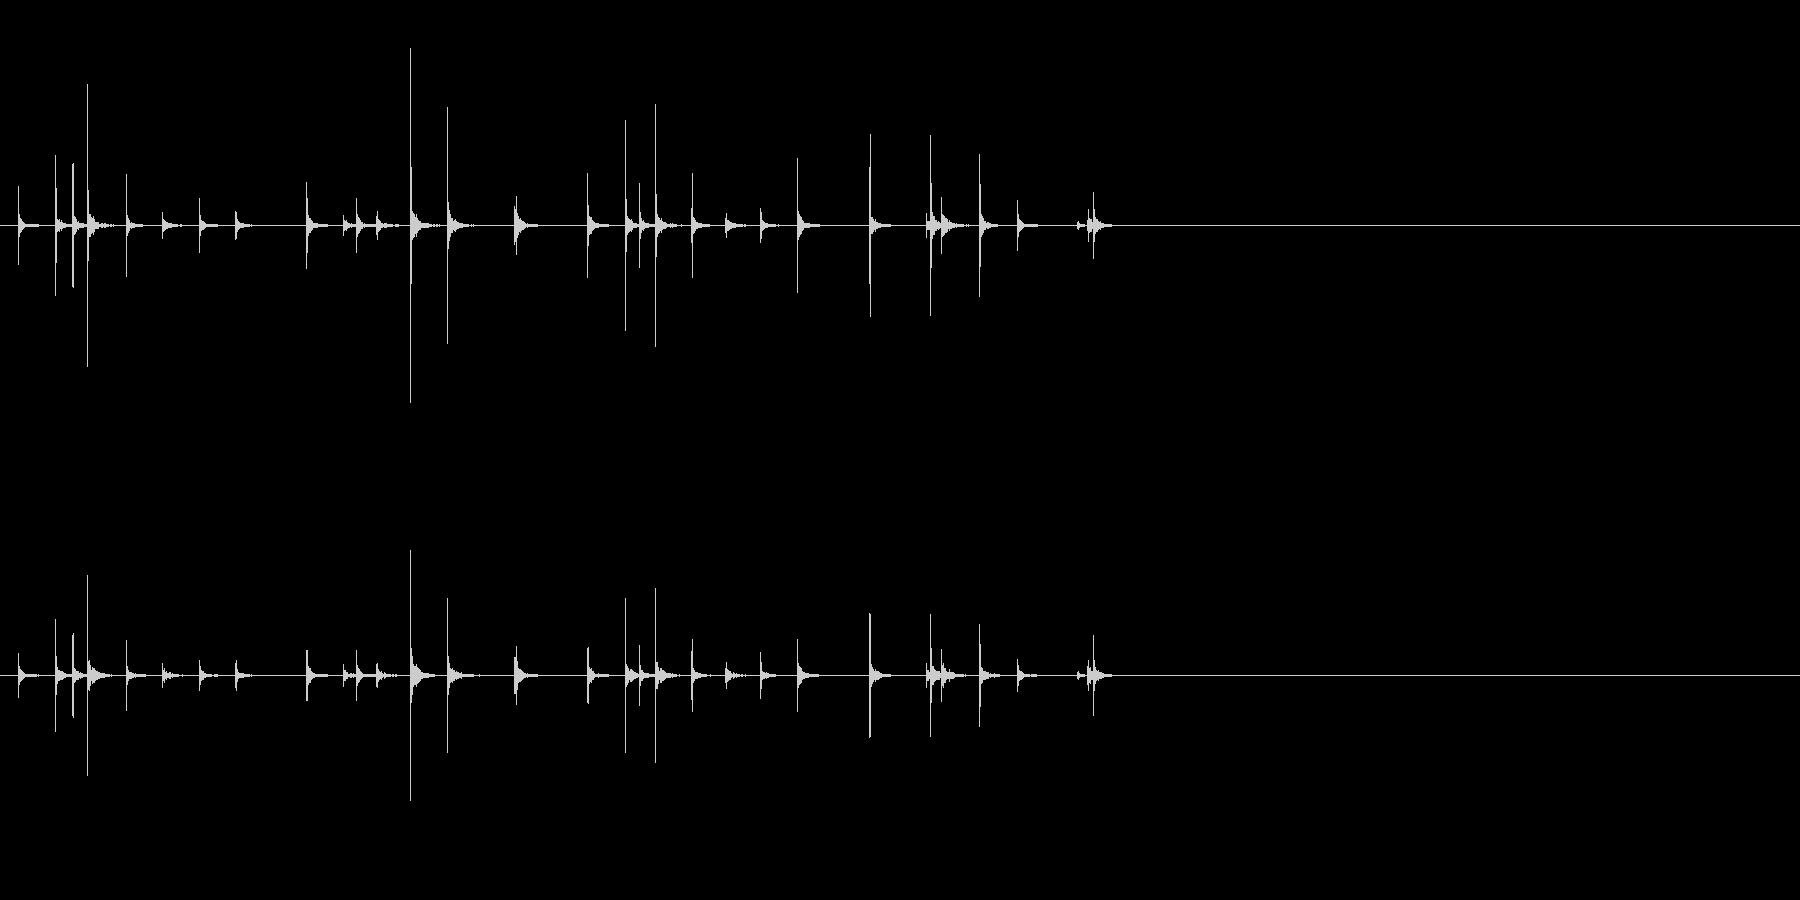 小木魚木章2小木魚木章1歌舞伎黒御簾下座の未再生の波形